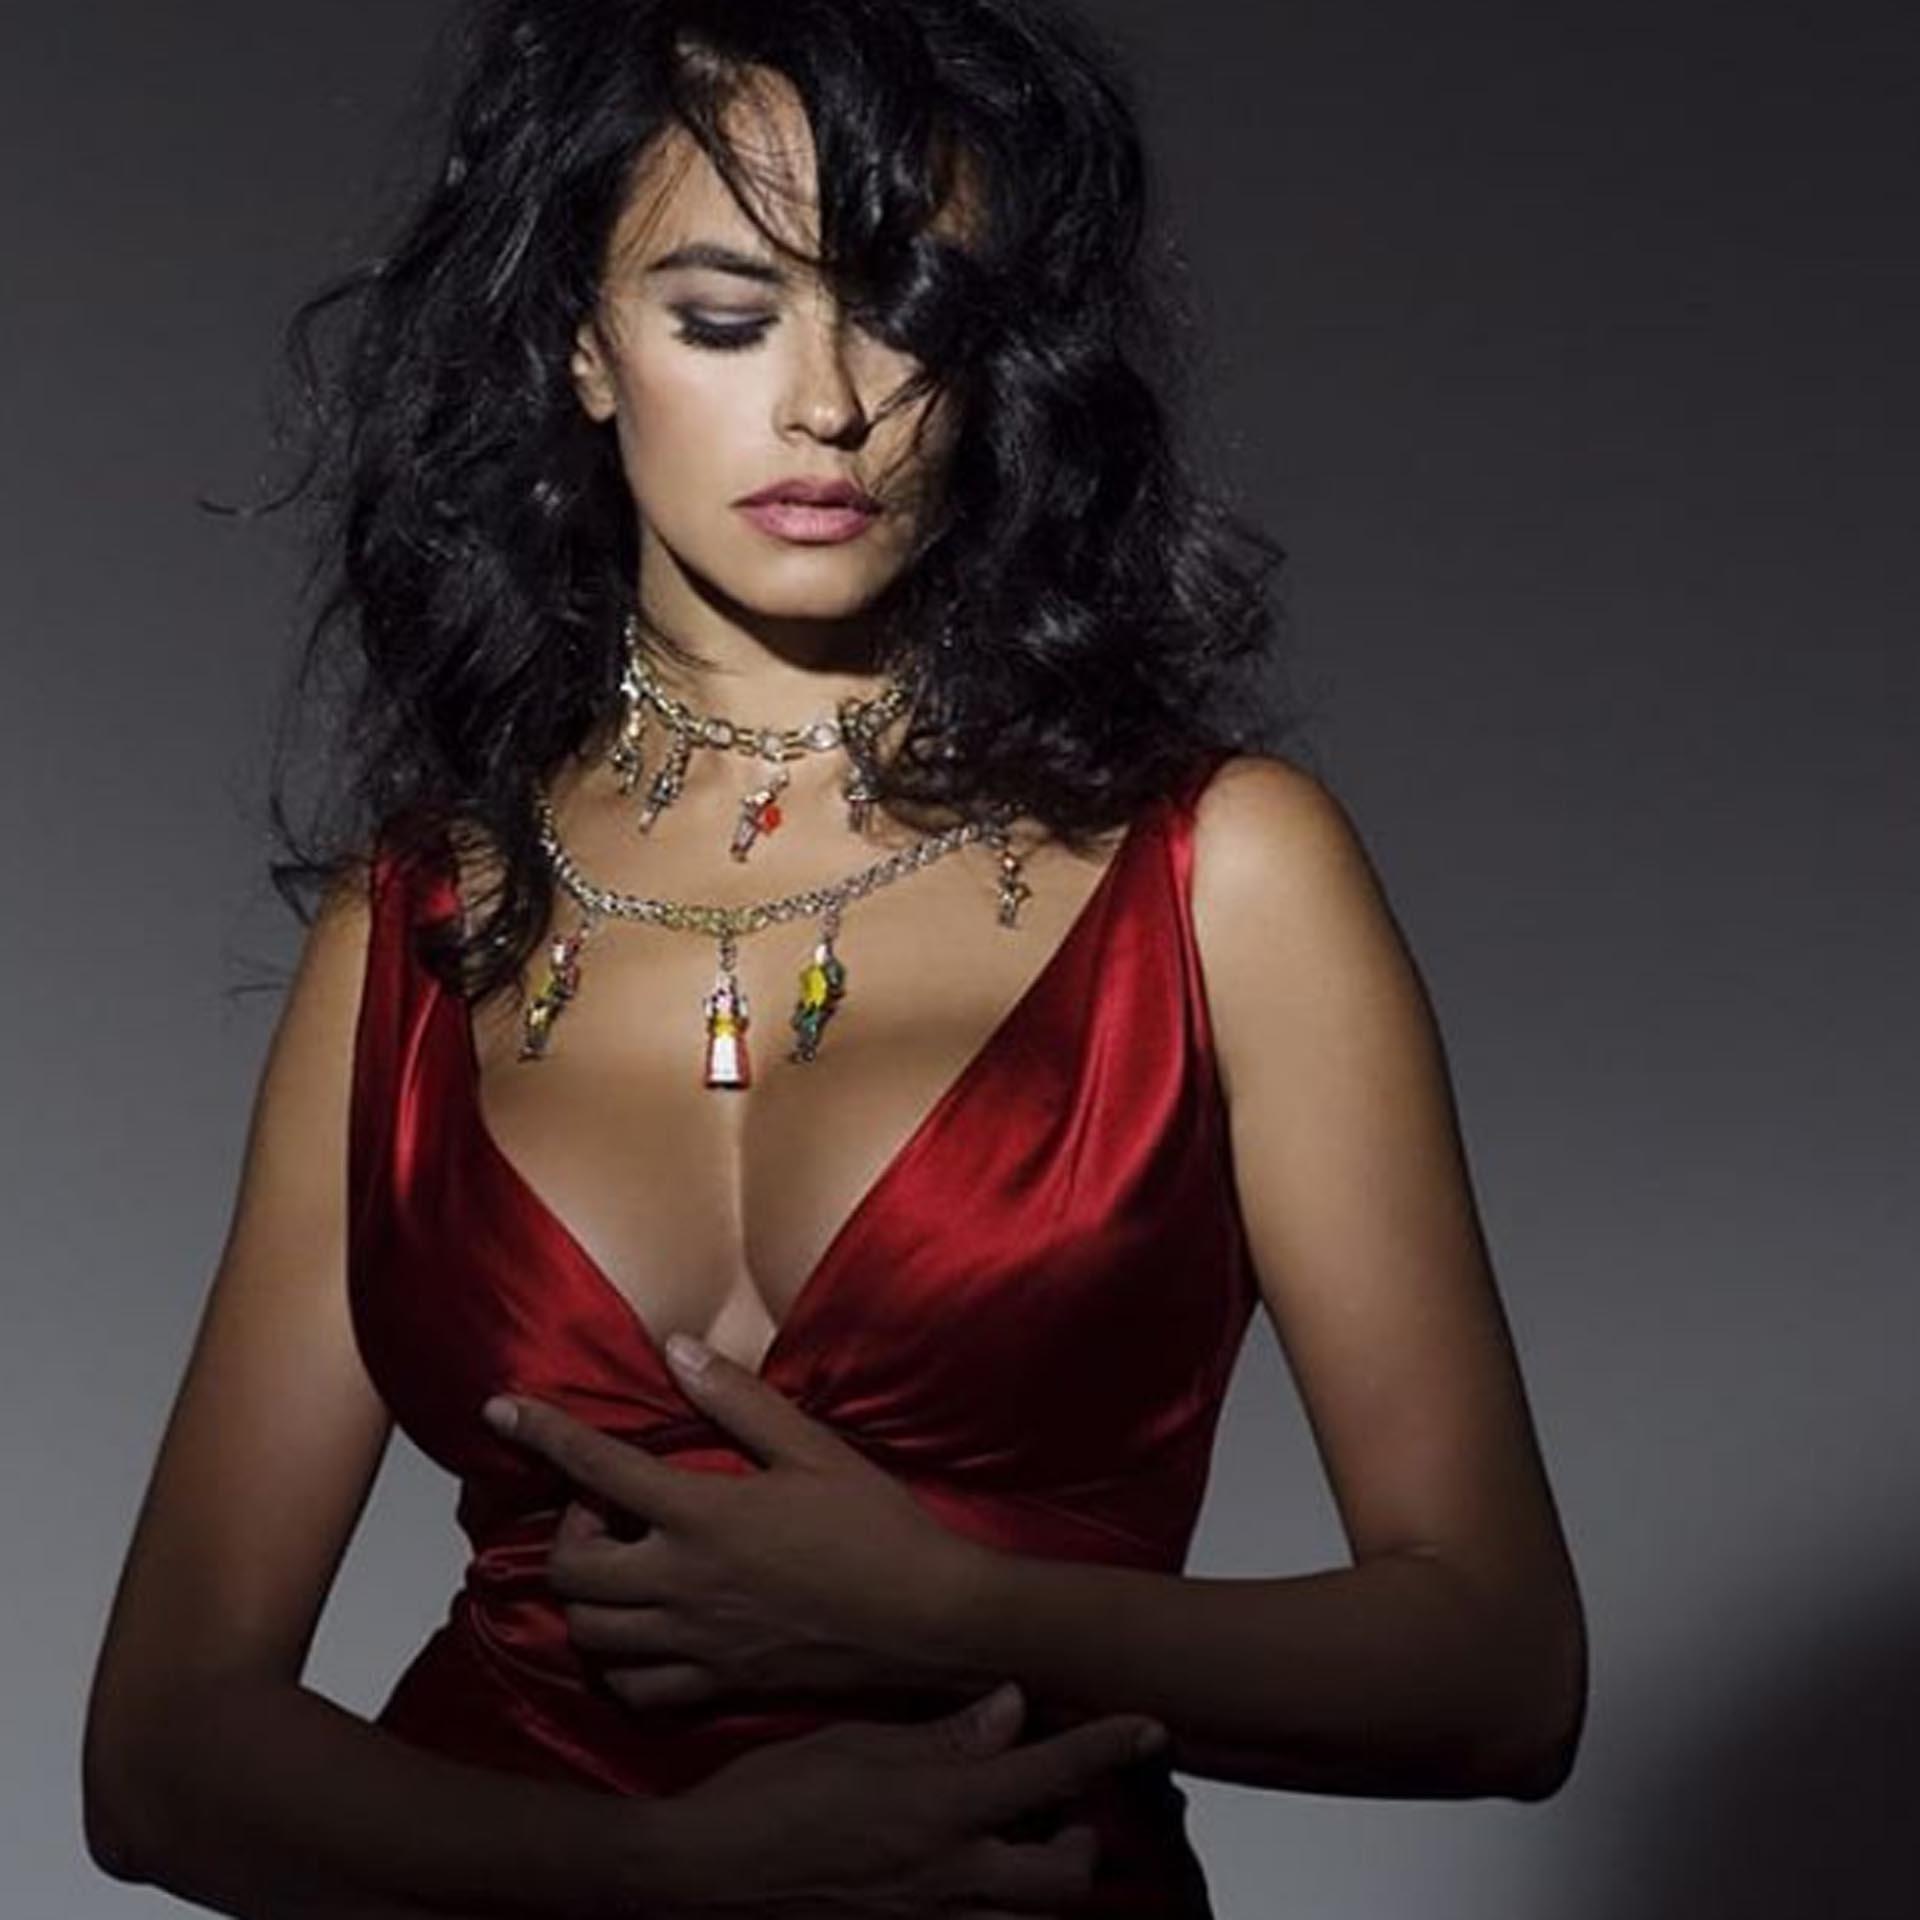 Comparada constantemente con la figura de Sofía Loren, también supo ser jurado del Festival Internacional de Cine de Mar del Plata, en el año '98